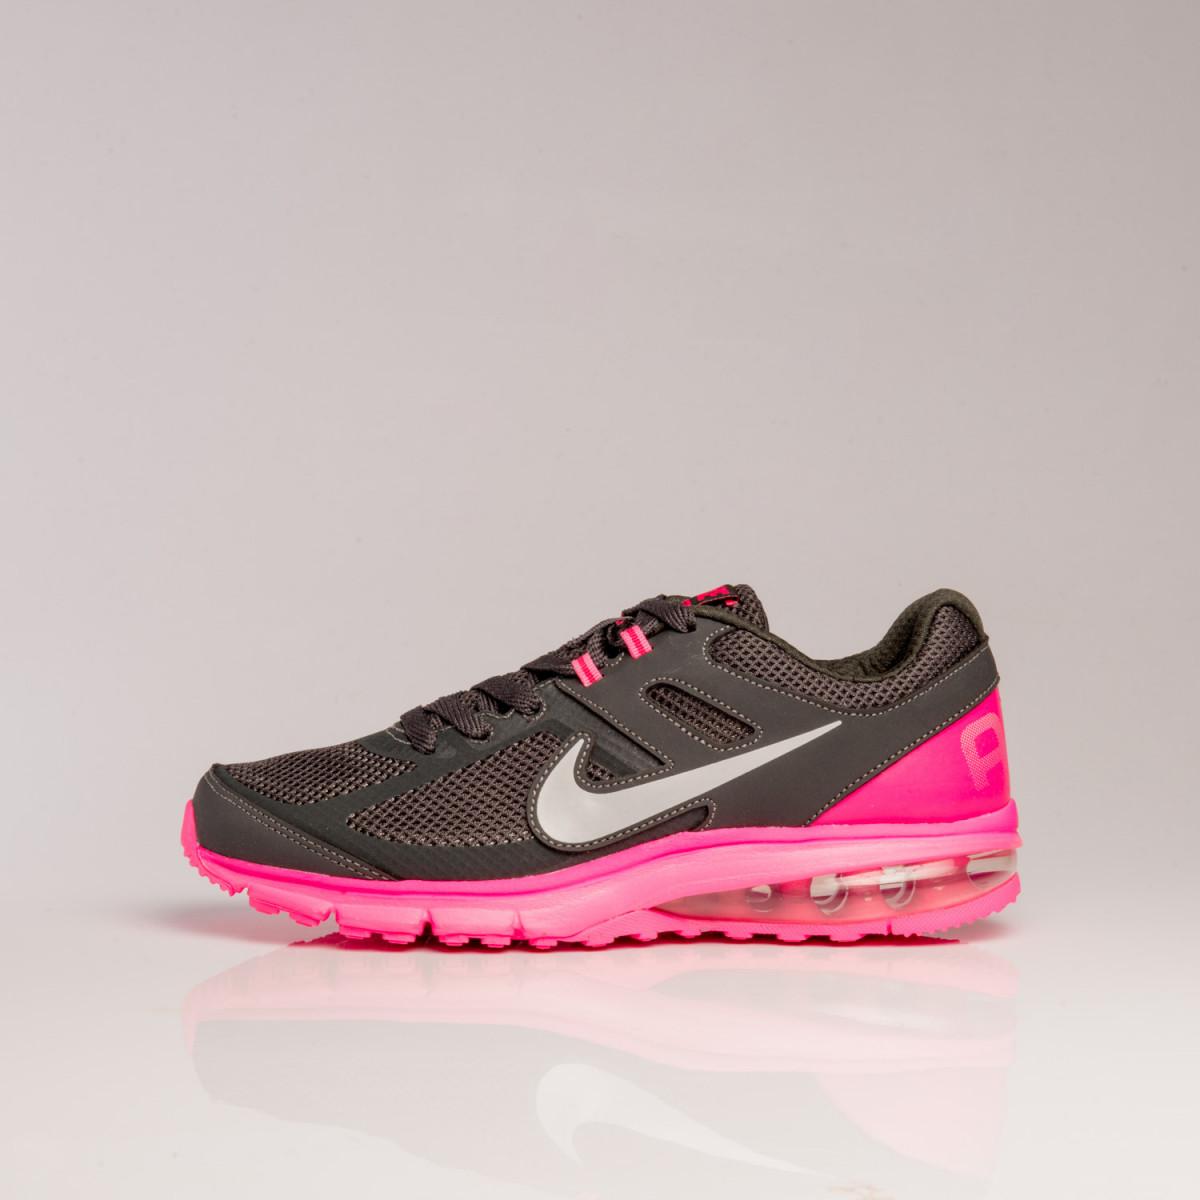 Zapatillas Nike Air Max Defy W